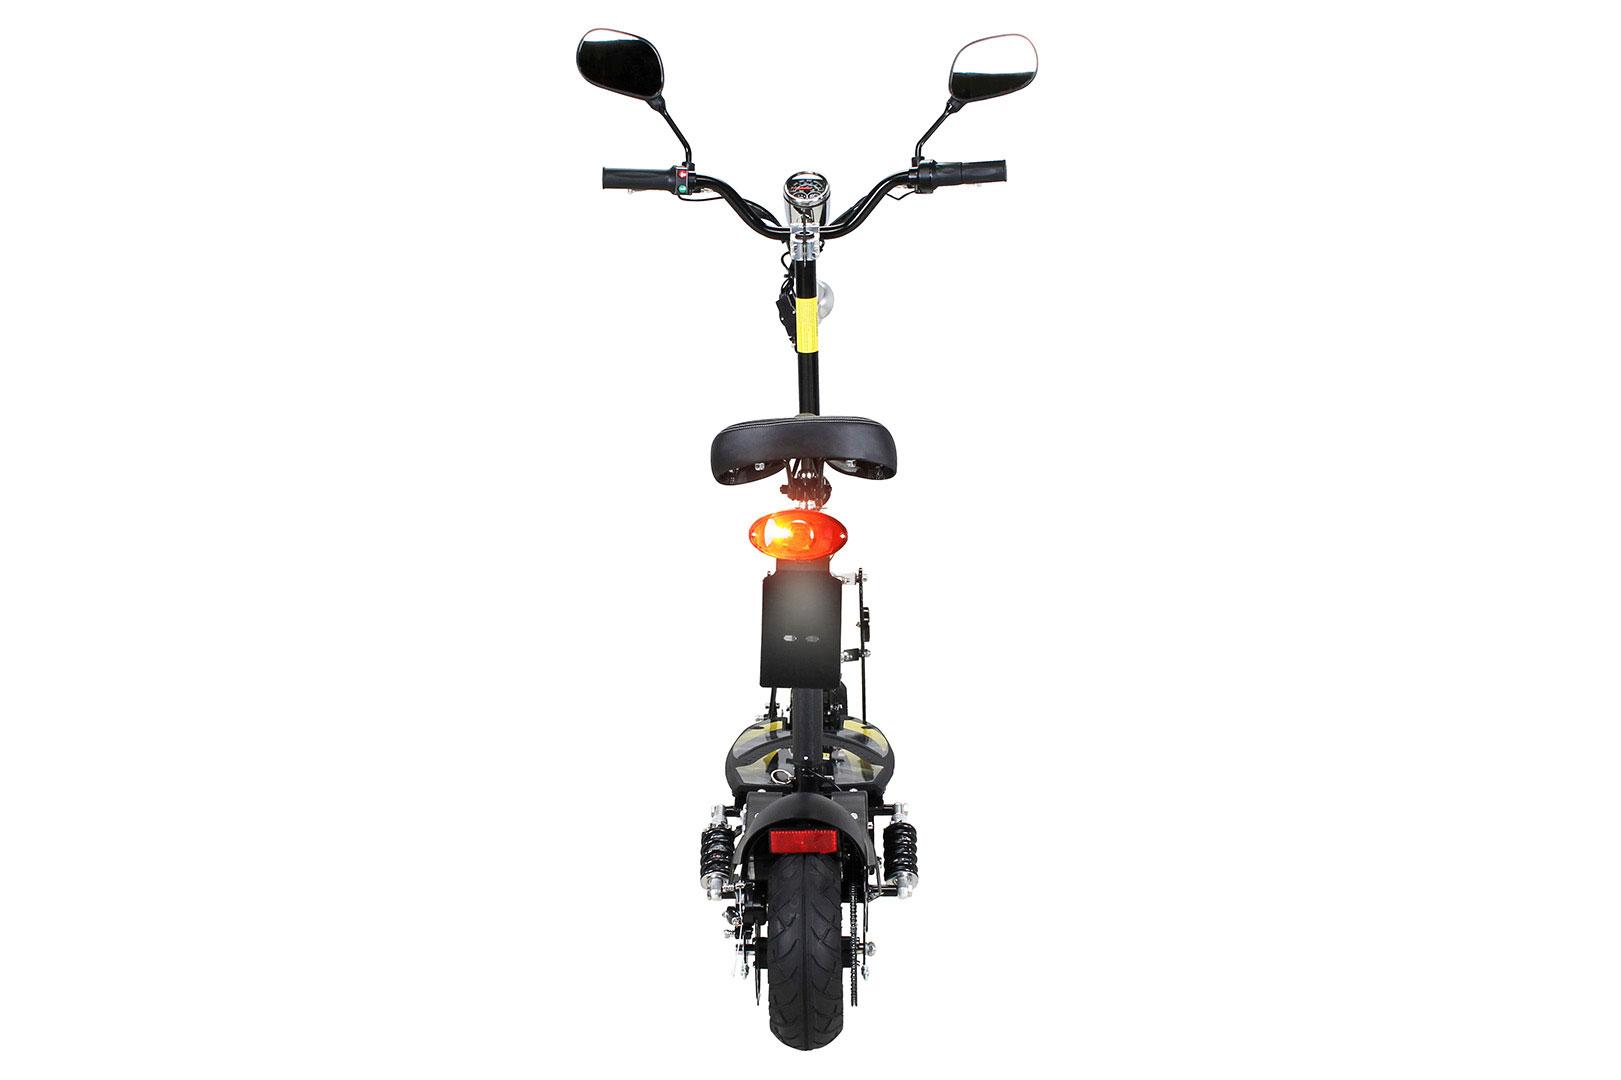 Elektroroller S20 schwarz mit Zulassung / E-Roller mit Sitz Bild 3